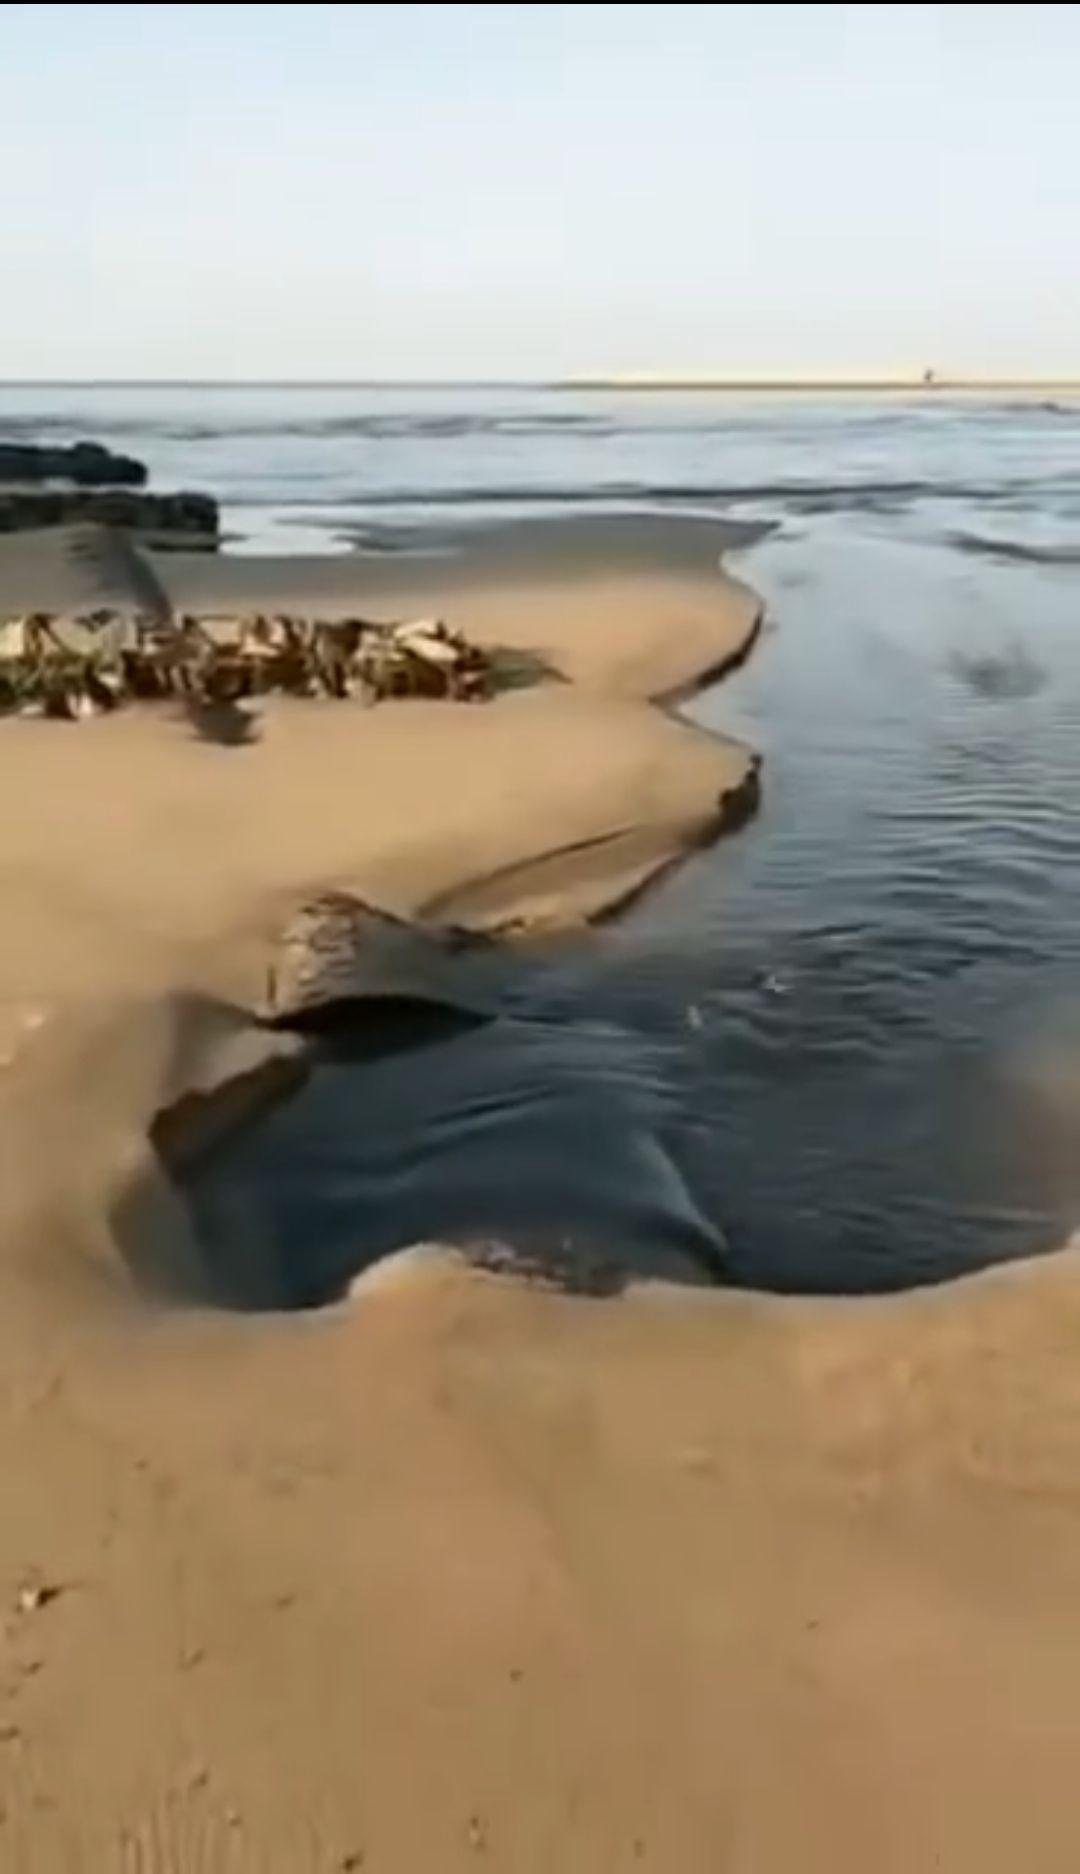 山东龙口废弃管道污水排入大海